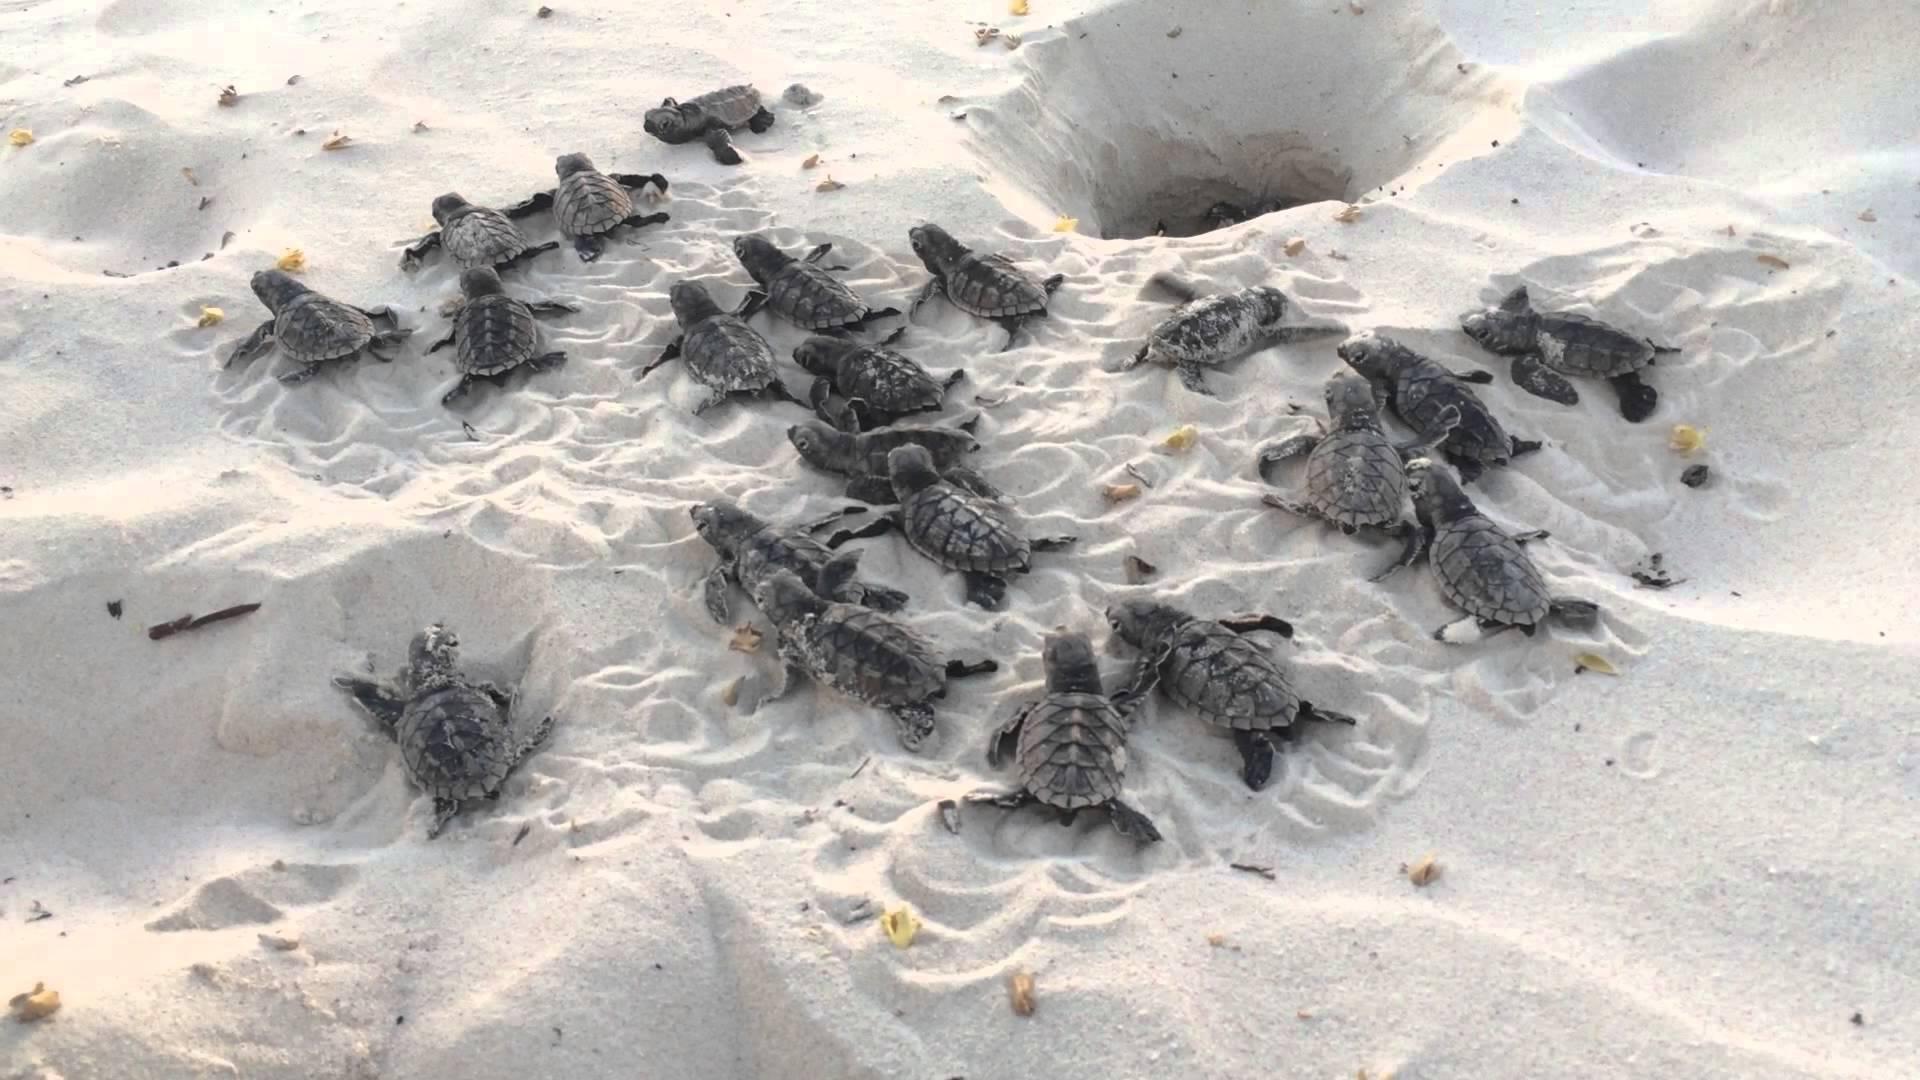 Bajan Baby Turtles